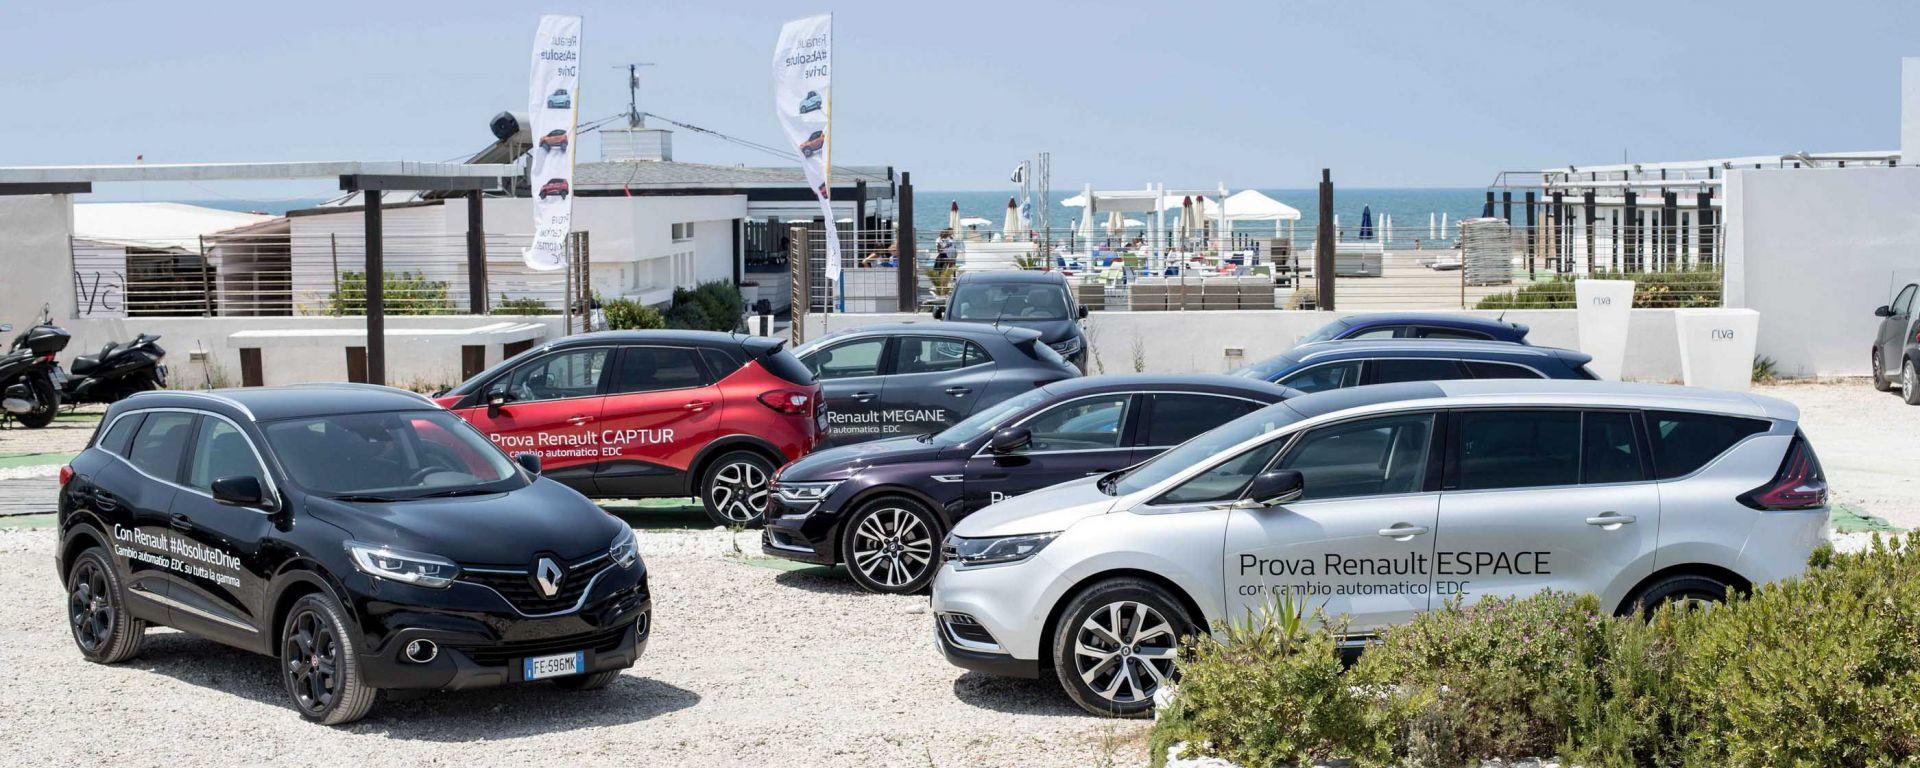 Renault: la trasmissione automatica EDC a doppia frizione è disponibile sull'intera gamma, da Twingo a Espace